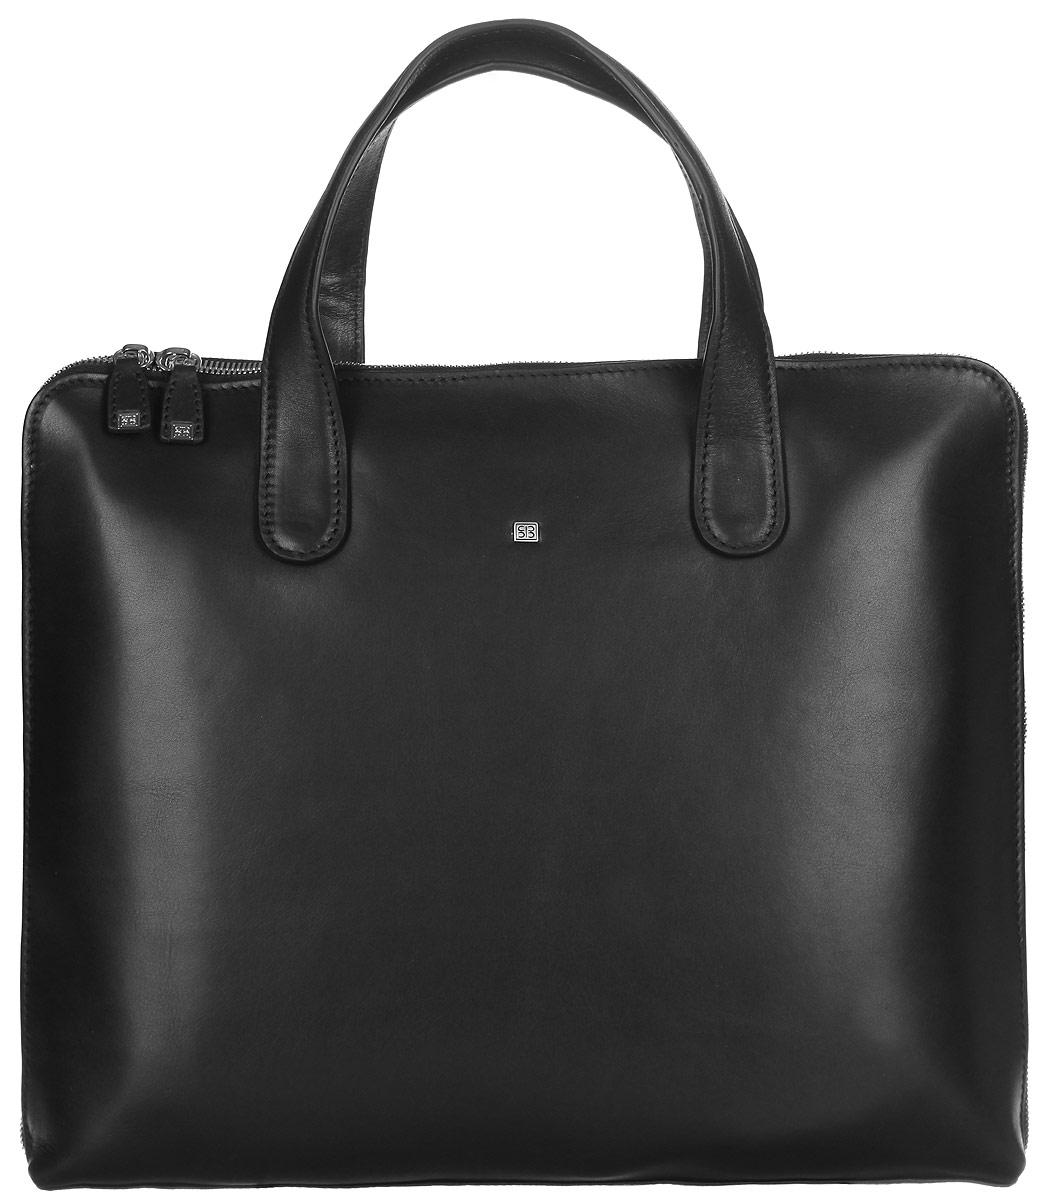 Бизнес-сумка мужская Sergio Belotti, цвет: черный. 9846-369846-36 west blackБизнес-сумка мужская Sergio Belotti выполнена из натуральной кожи и оформлена металлической фурнитурой с символикой бренда. Изделие закрывается на металлическую застежку-молнию. Сумка состоит из одного вместительного отделения, внутри которого имеются прорезной карман на застежке молнии, два накладных кармана, один из которых сетчатый, карман-средник на молнии. Внешняя стенка среднего кармана дополнена кармашком для телефона, двумя фиксаторами для ручек и четырьмя кармашками для кредитных карт. Накладные карманы фиксируются хлястиком на липучку. В задней стенке изделия расположен продольный прорезной карман, также закрывающийся на застежку-молнию. Сумка имеет две практичные ручки для переноски. Стильная бизнес-сумка станет практичным аксессуаром, который идеально дополнит ваш образ.